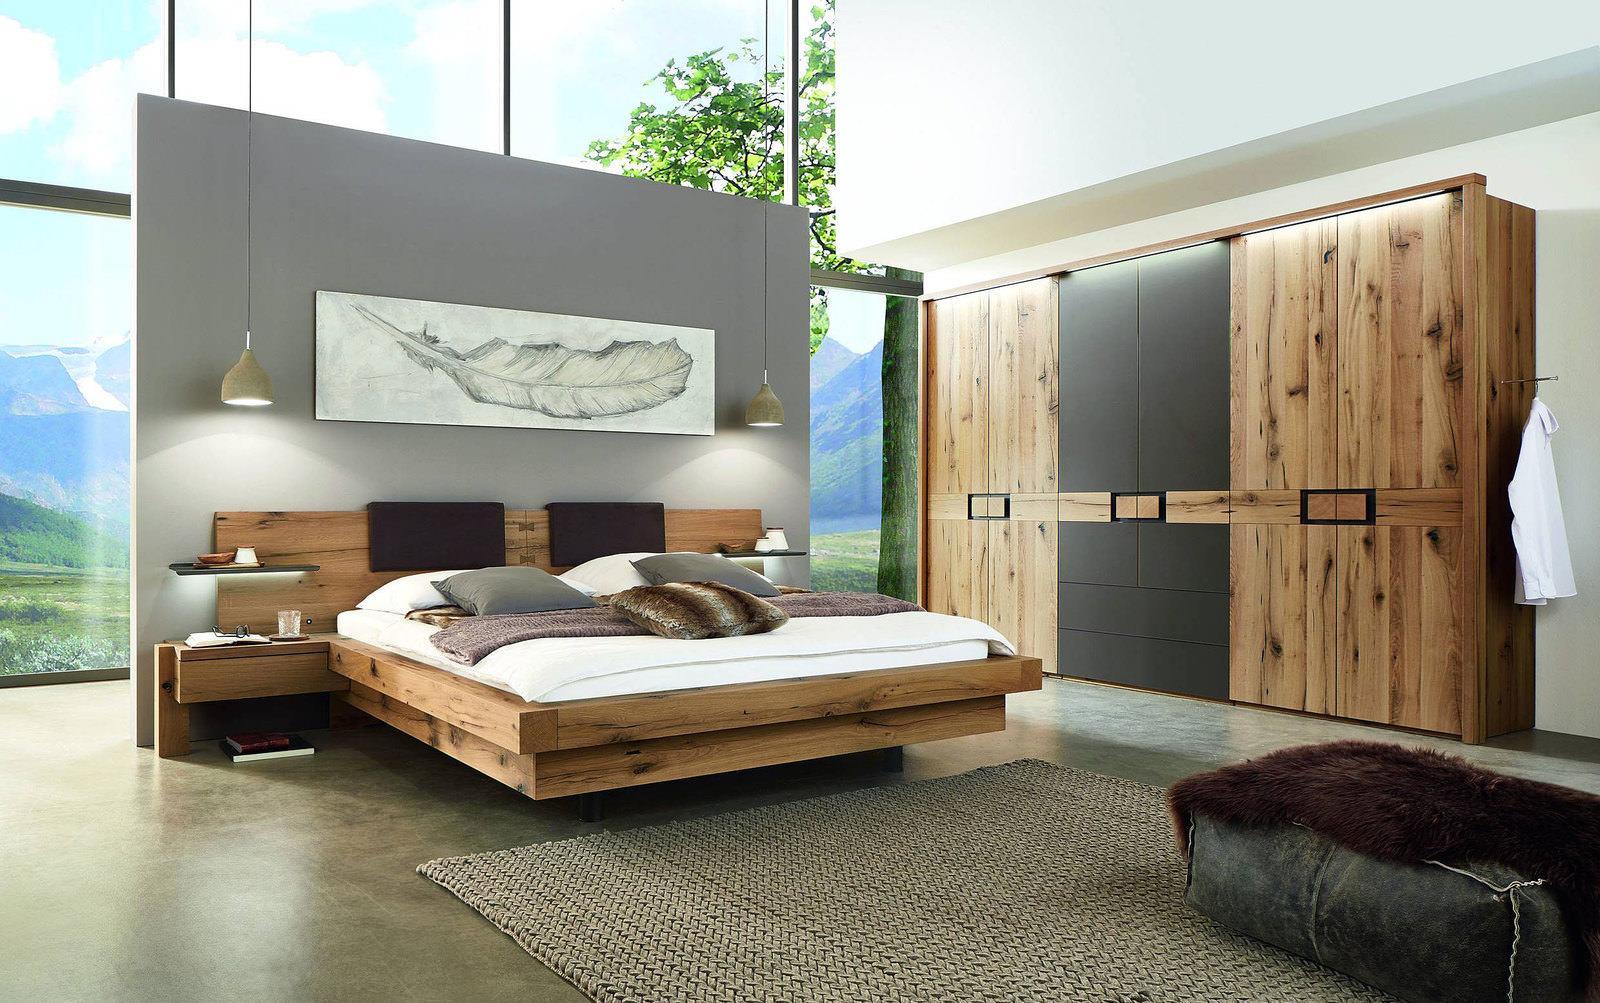 MONDO Schlafzimmer Holz furniert online entdecken | Schaffrath - Ihr ...